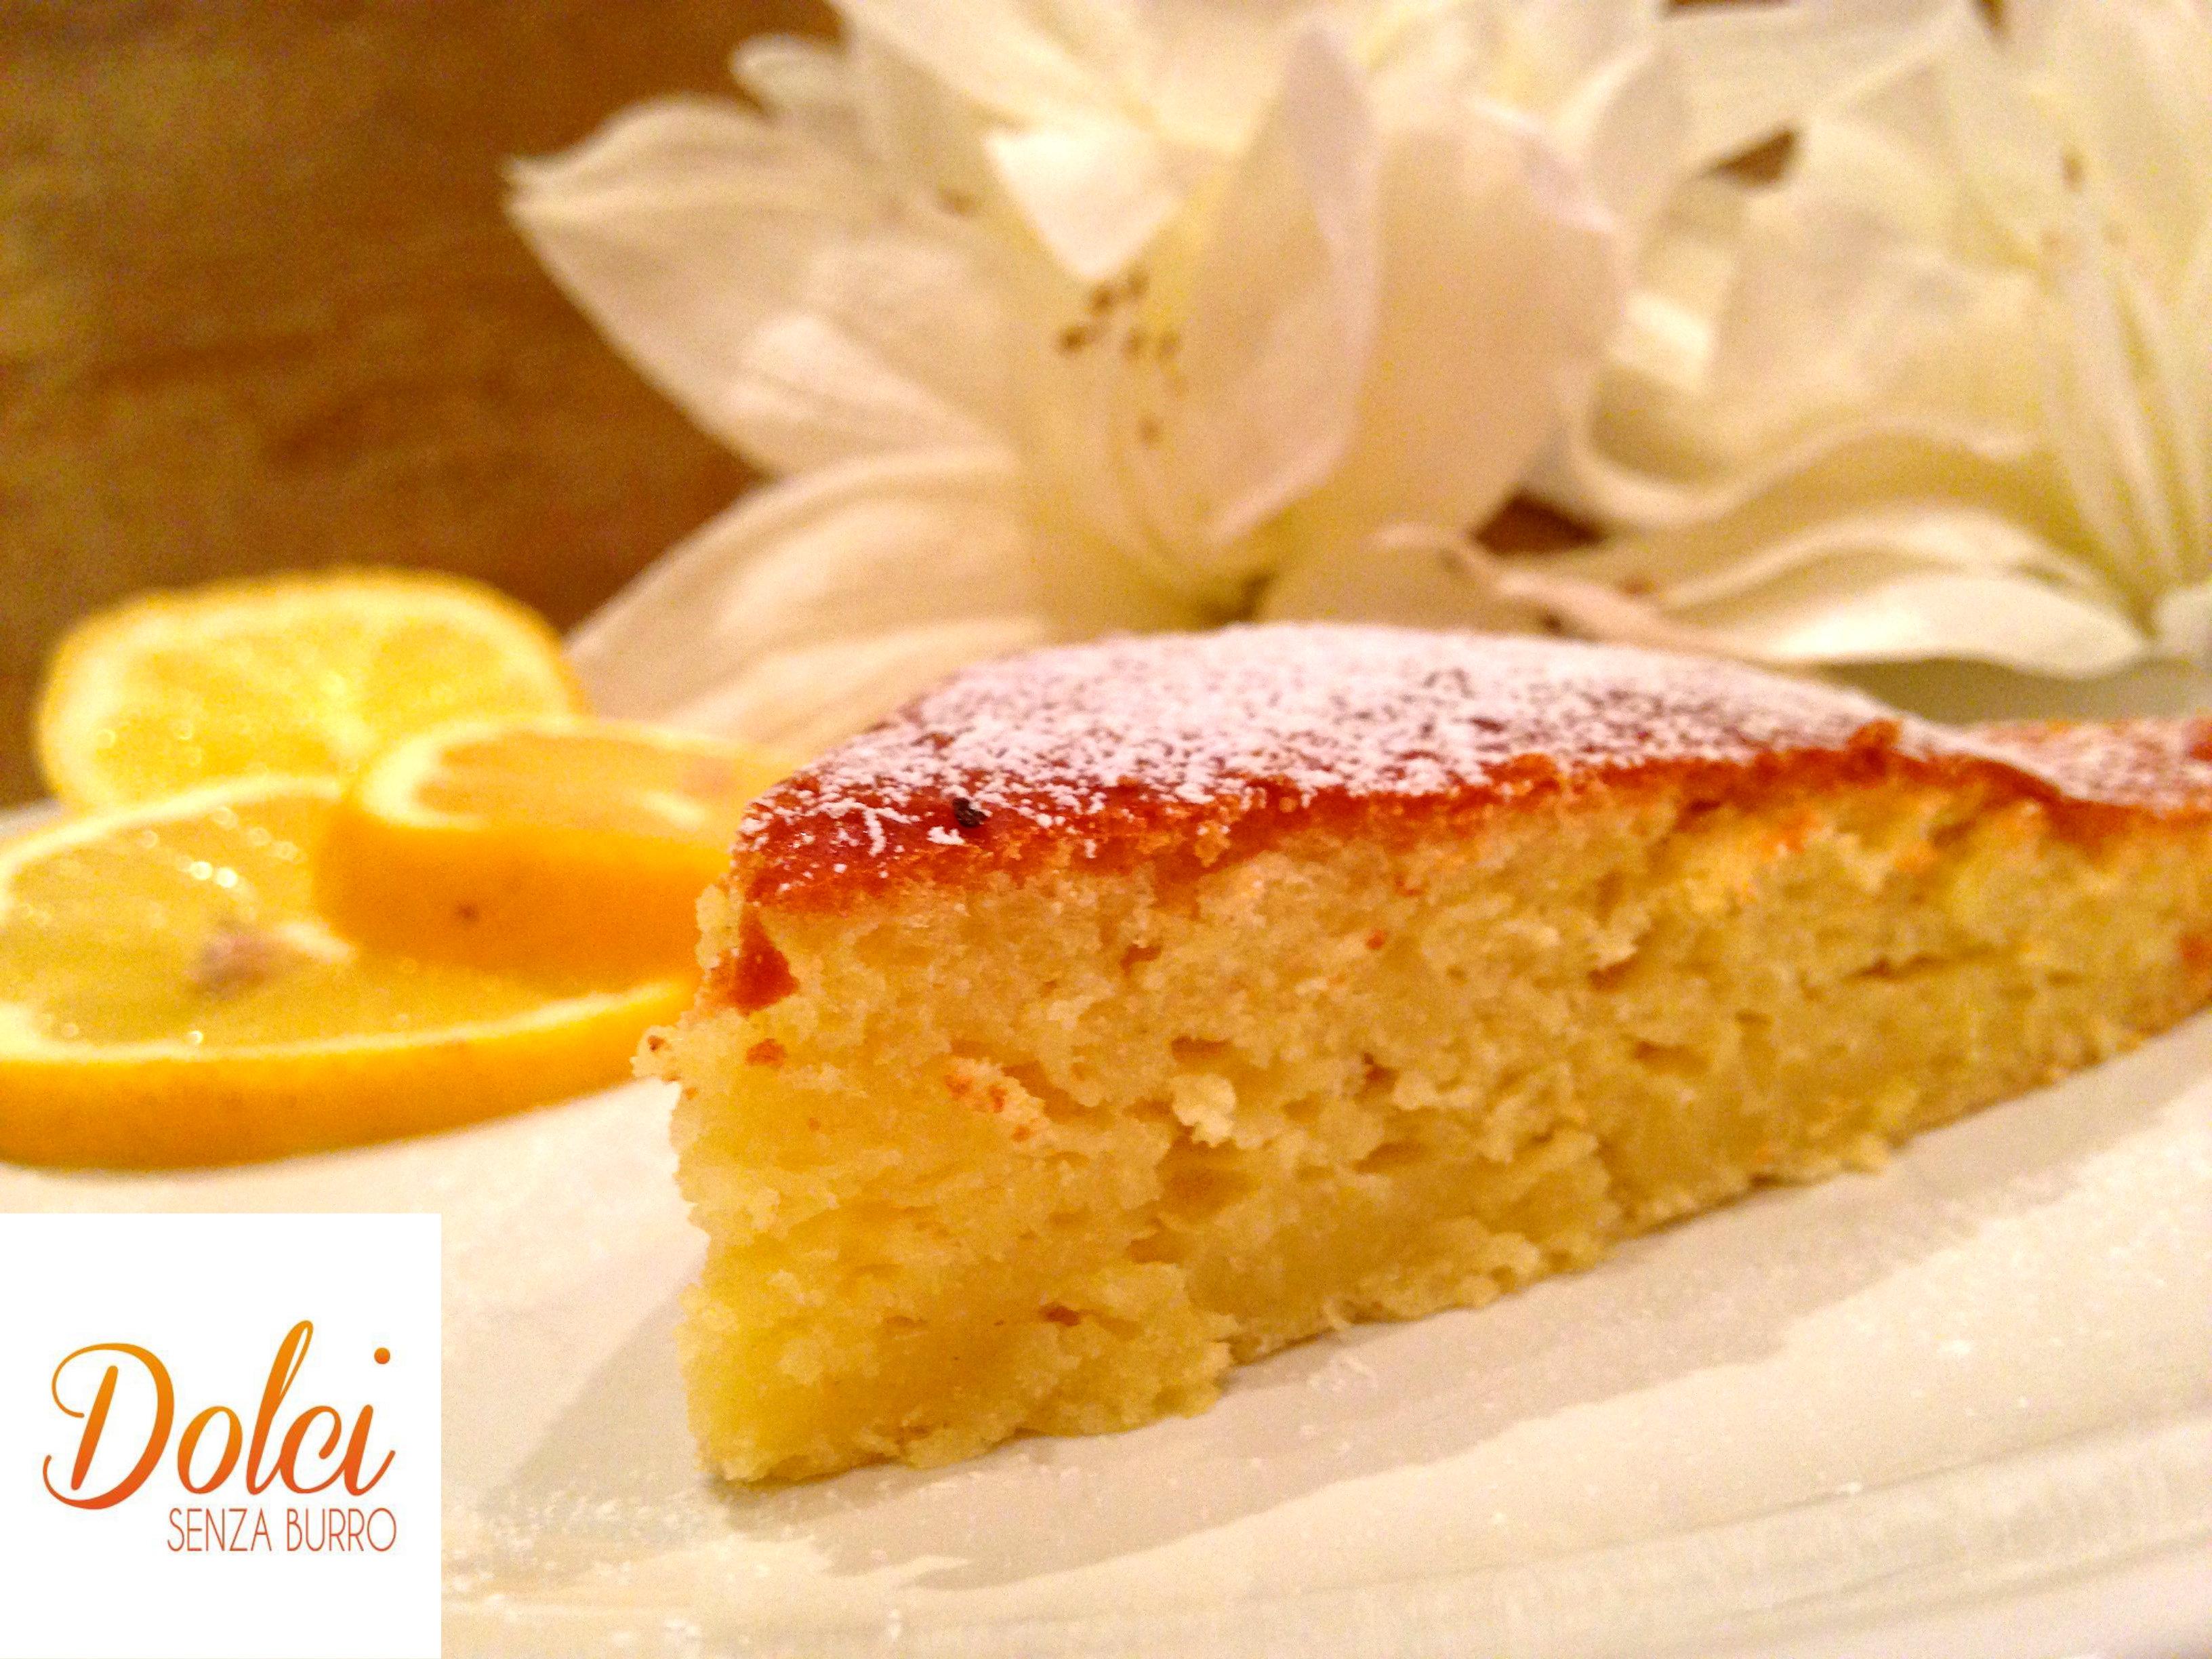 torta al limone senza burro, la torta light di dolci senza burro